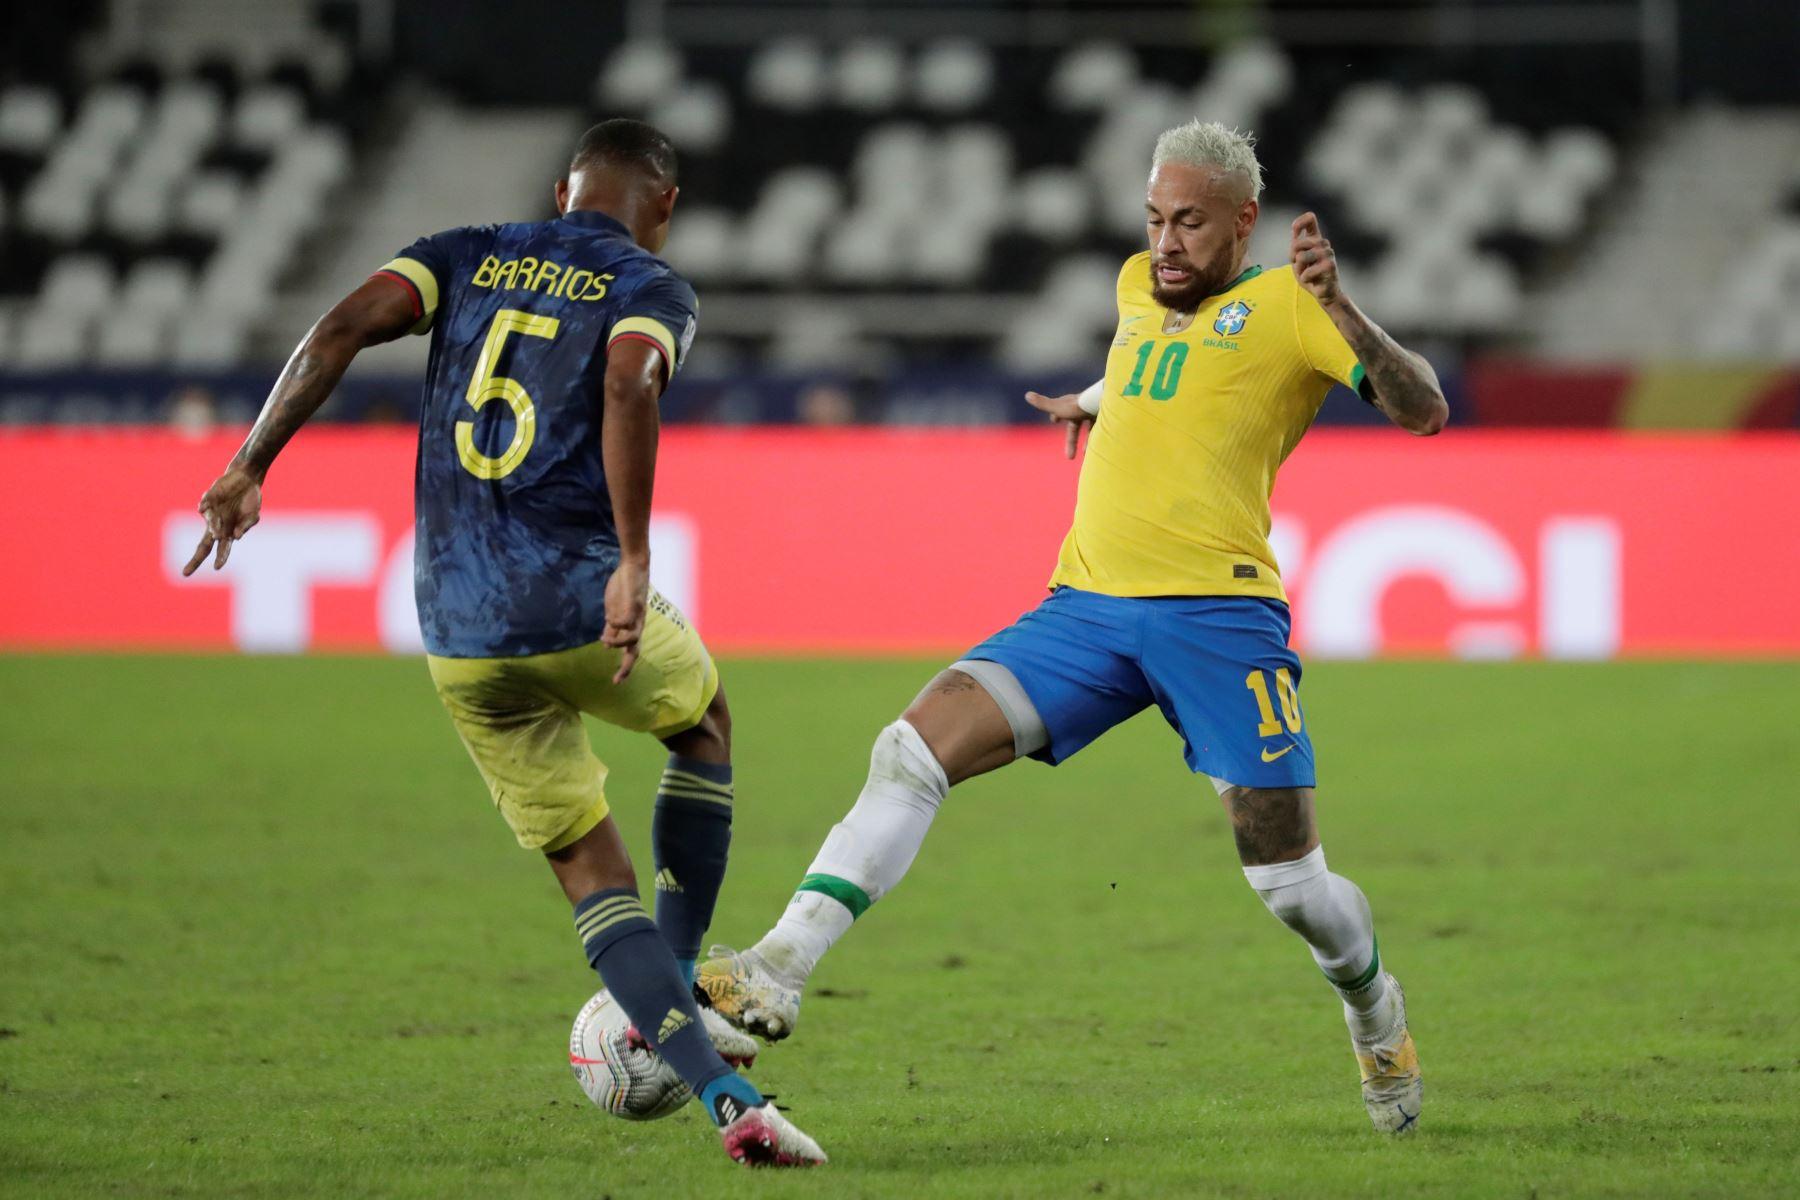 Neymar Jr de Brasil disputa el balón con Wilmar Barrios de Colombia, durante un partido por el Grupo B de la Copa América en el Estadio Olímpico Nilton Santos de Río de Janeiro. Foto: EFE